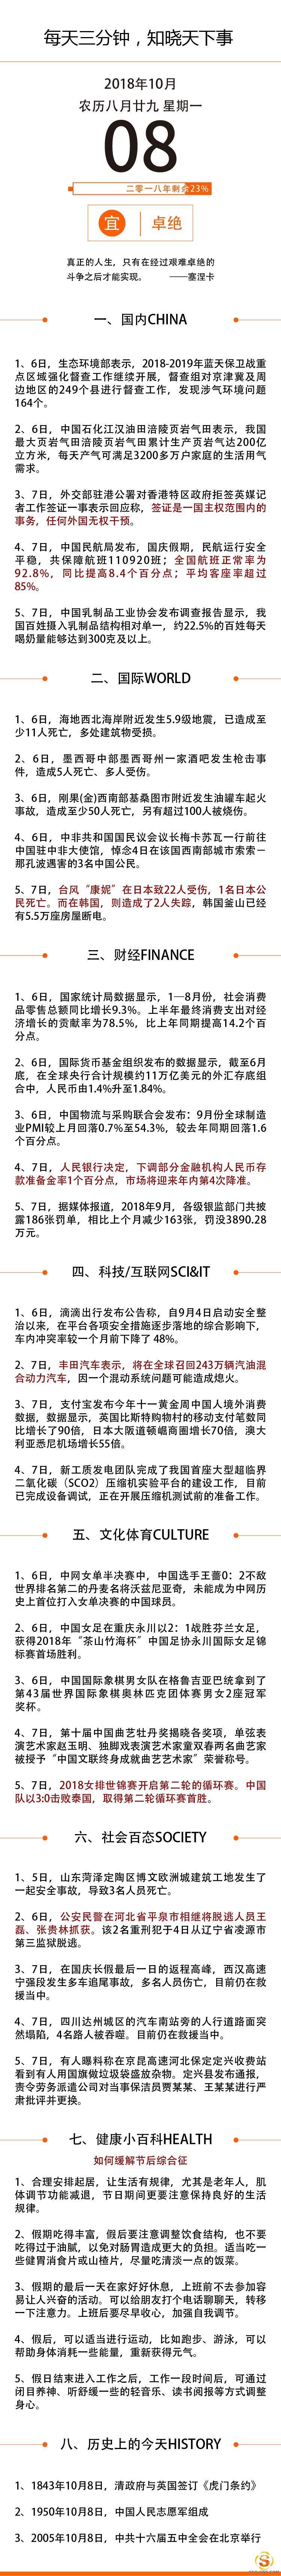 2018年10月8日国内外新闻资讯快报